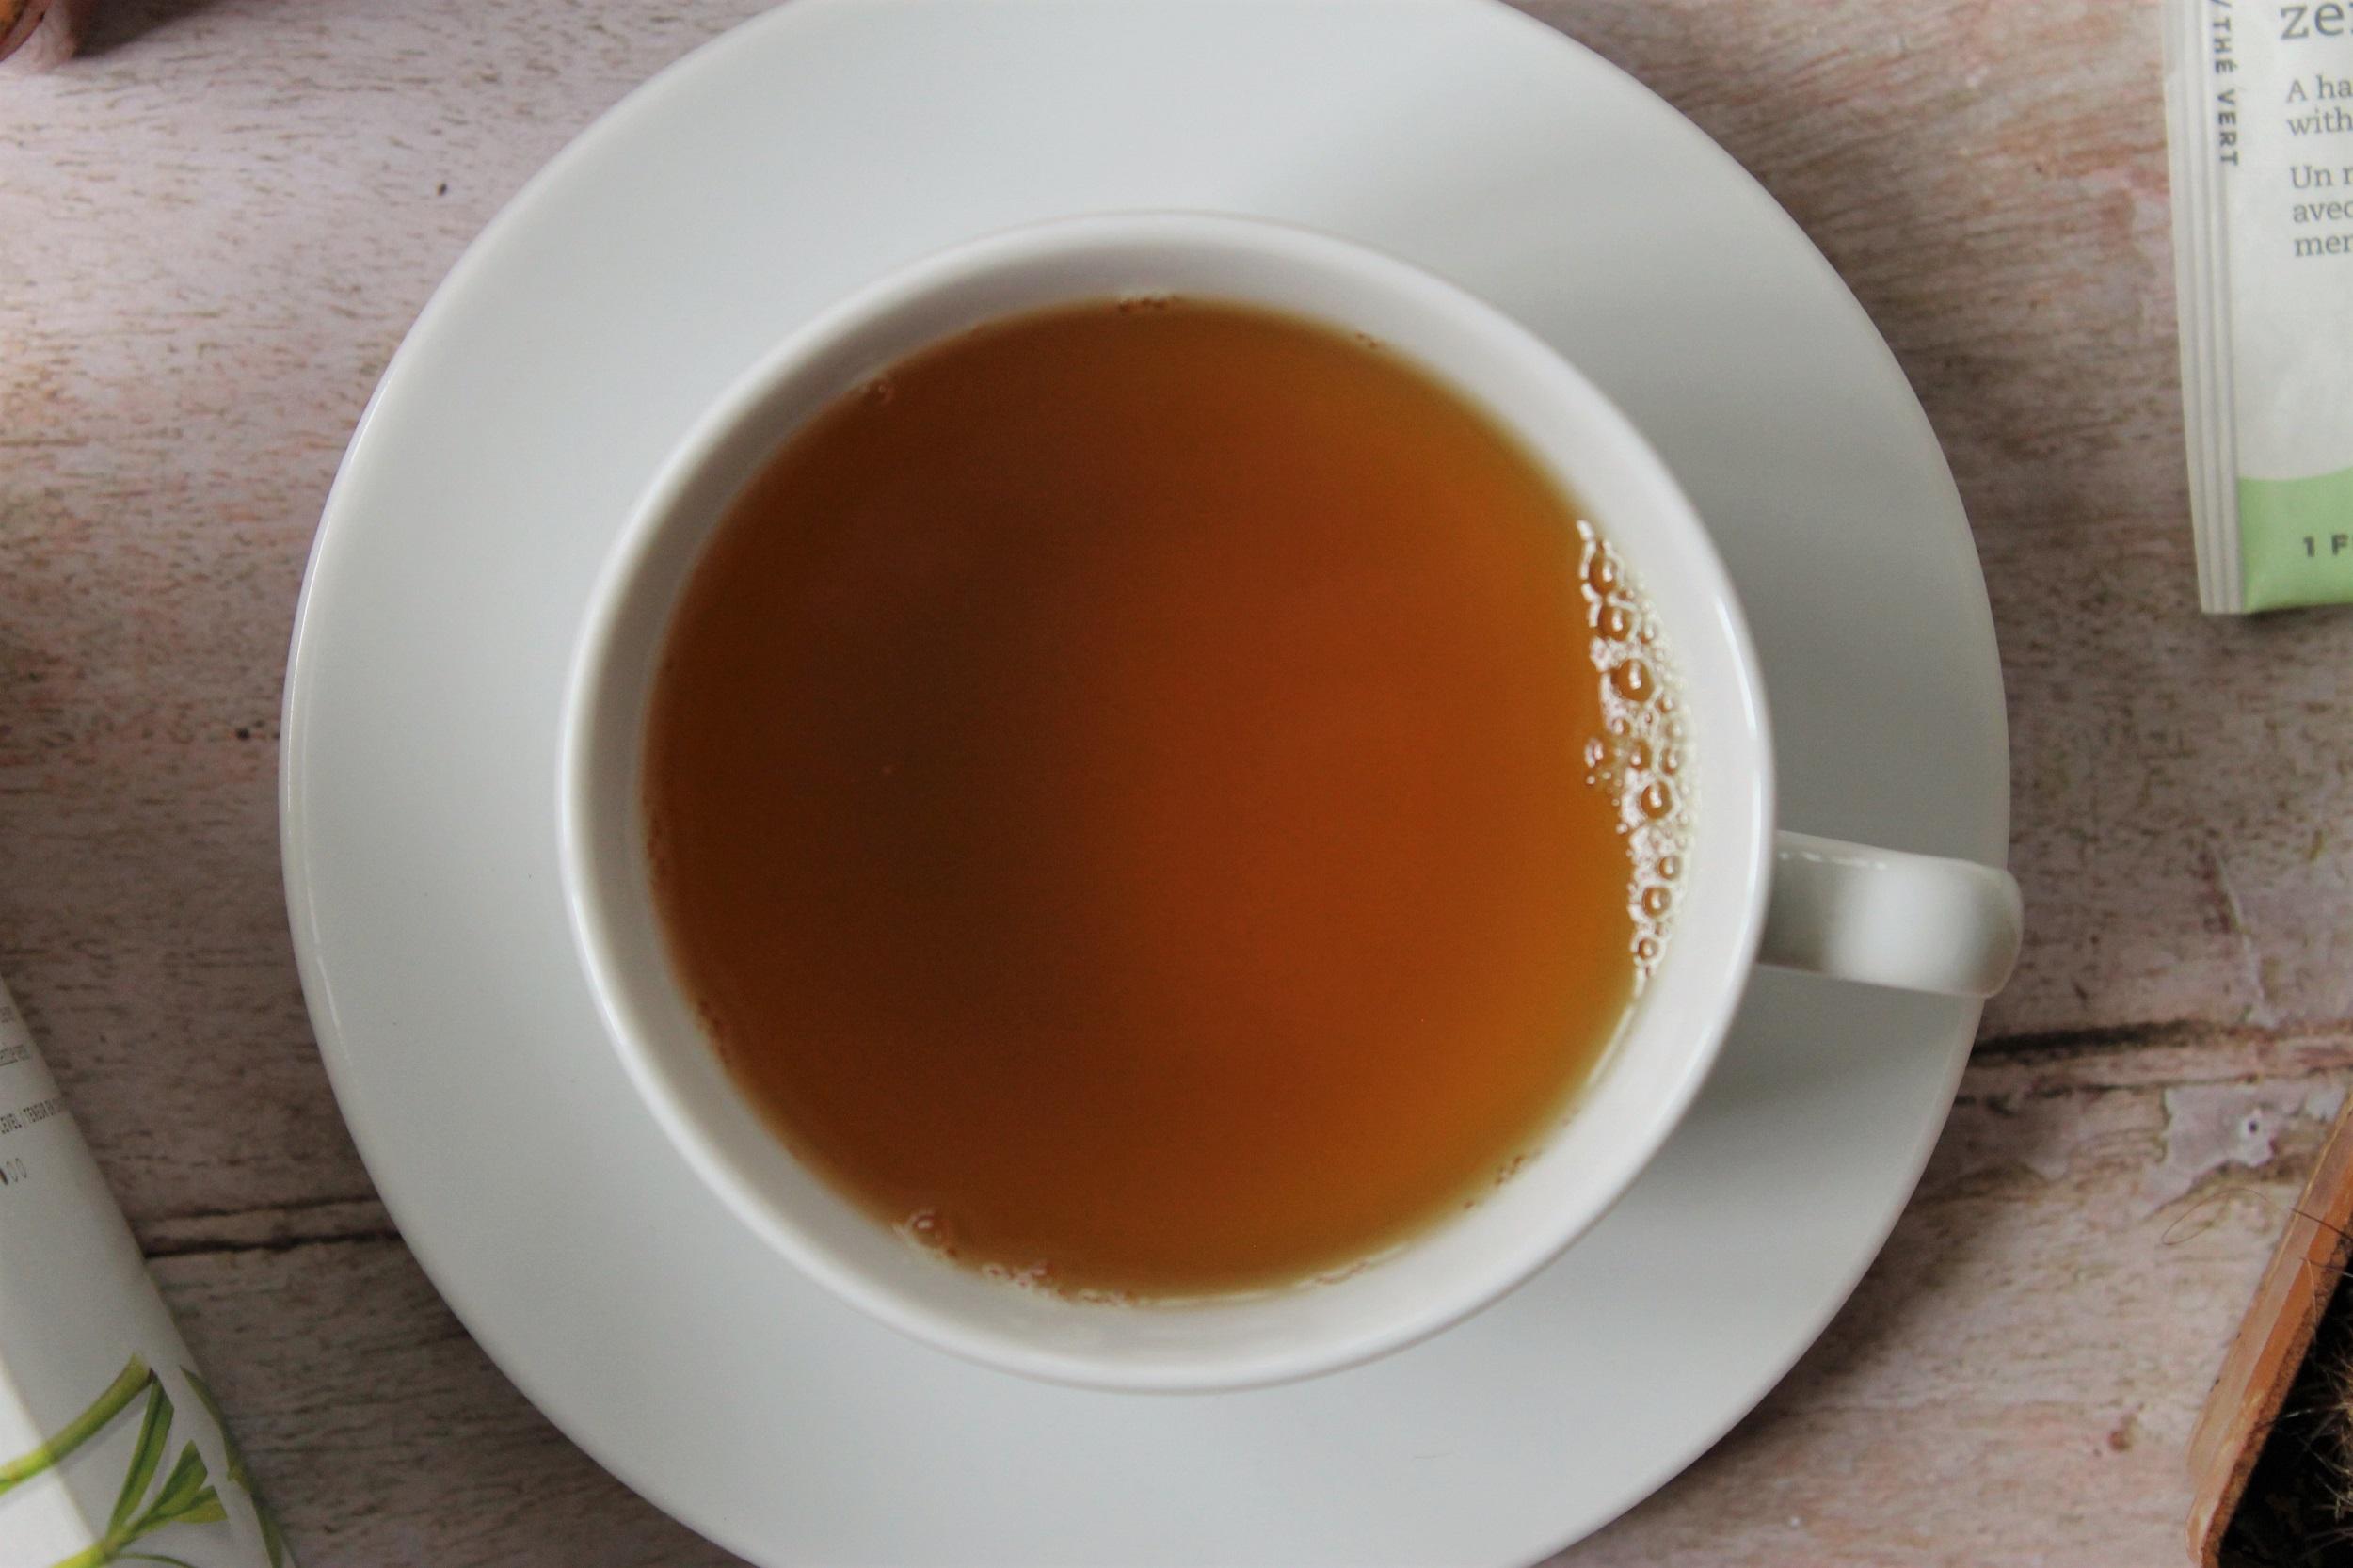 tazo zen tea in teacup